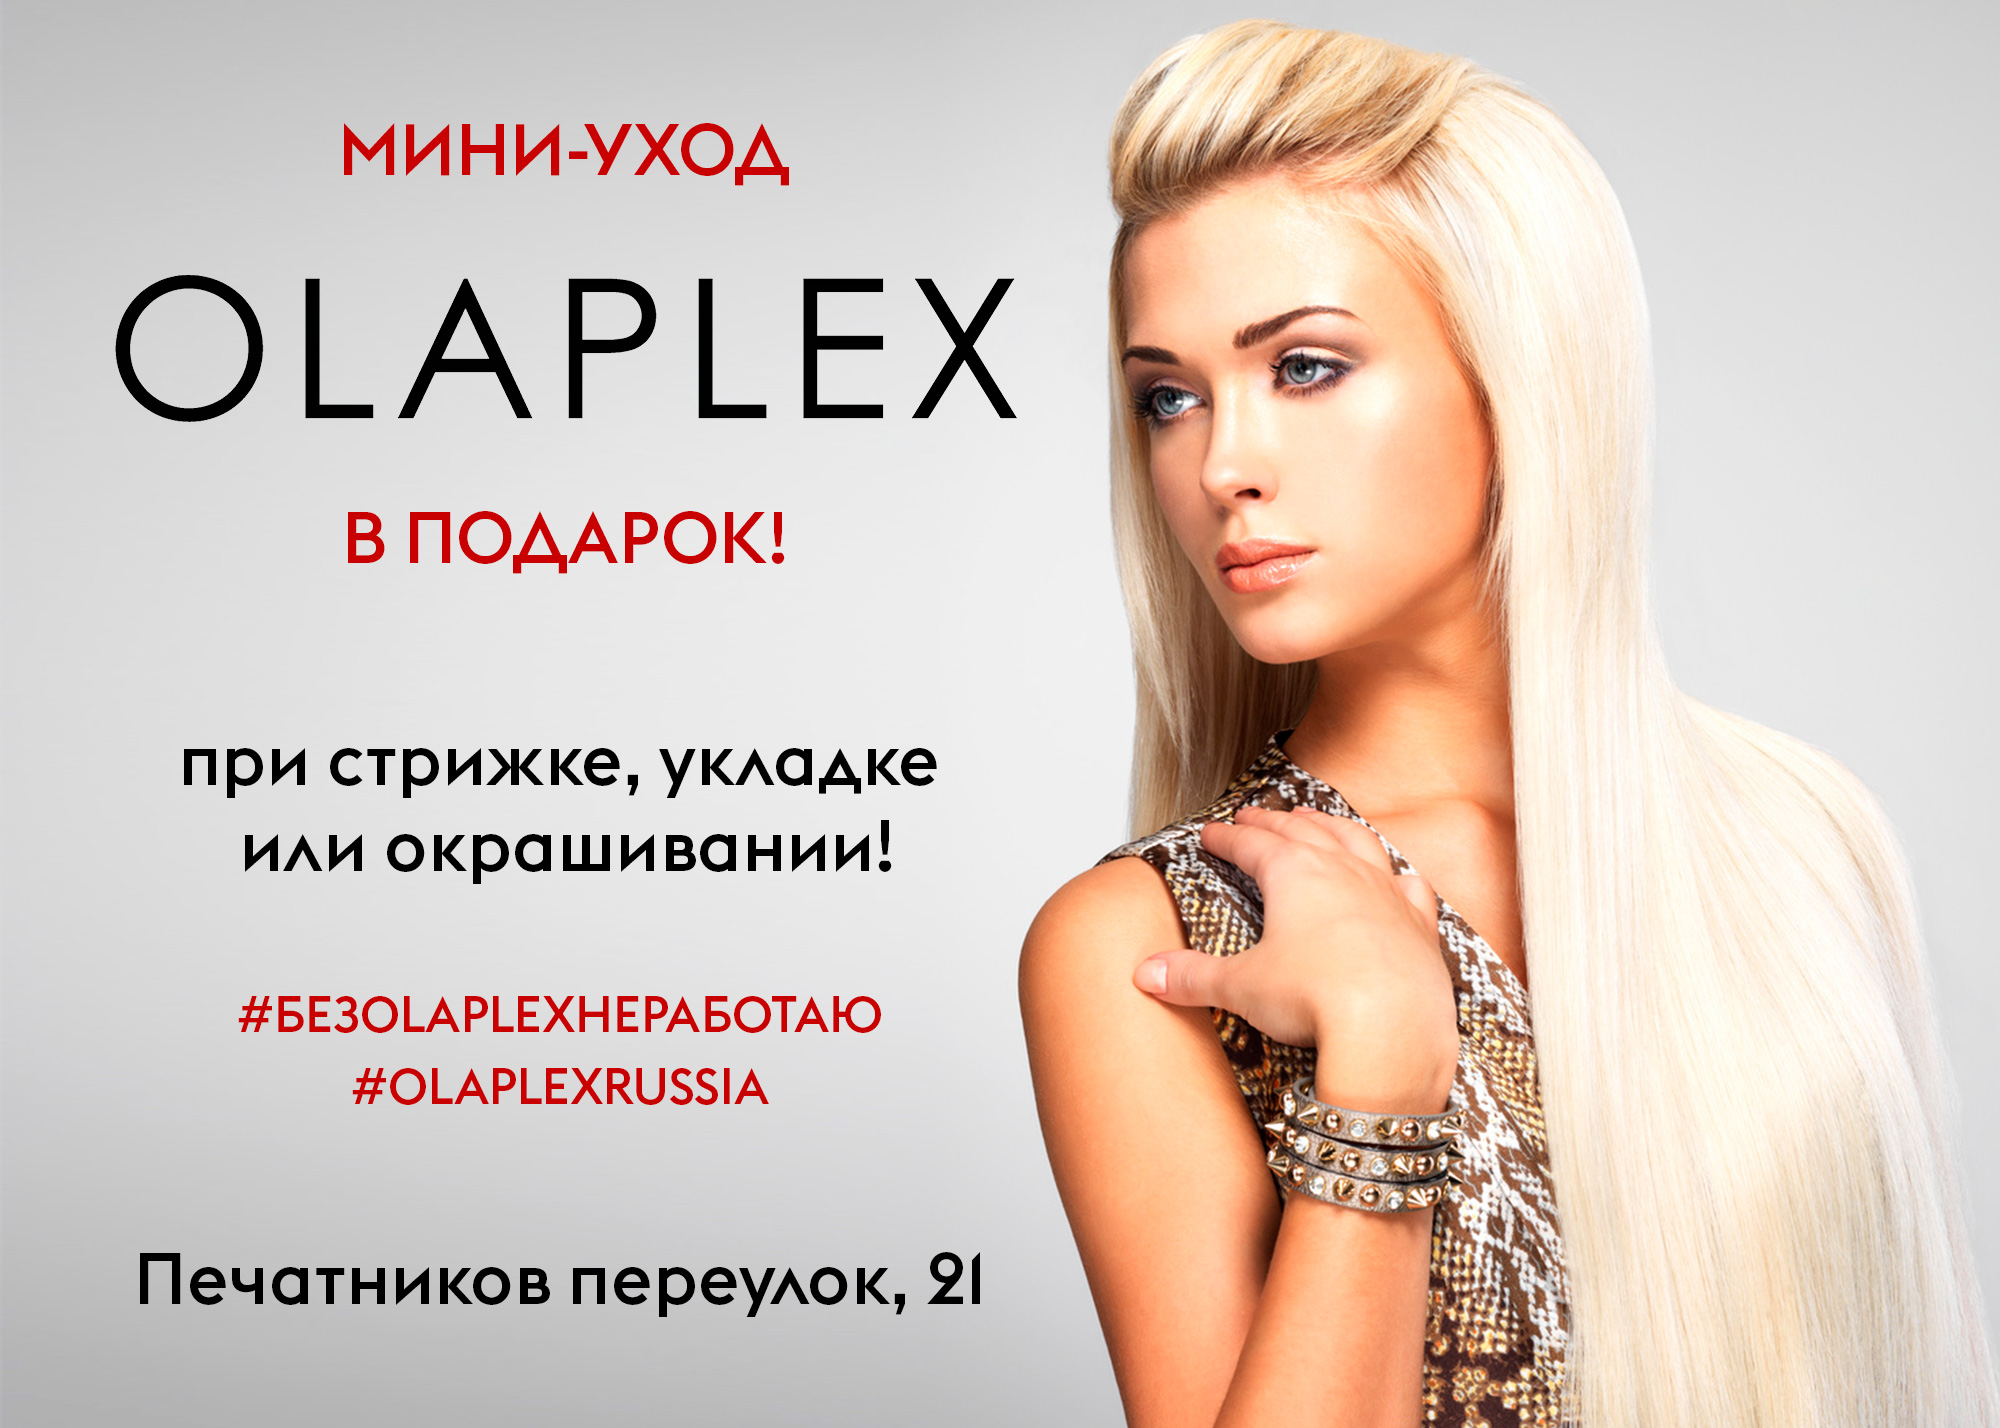 Акция на окрашивание волос olaplex